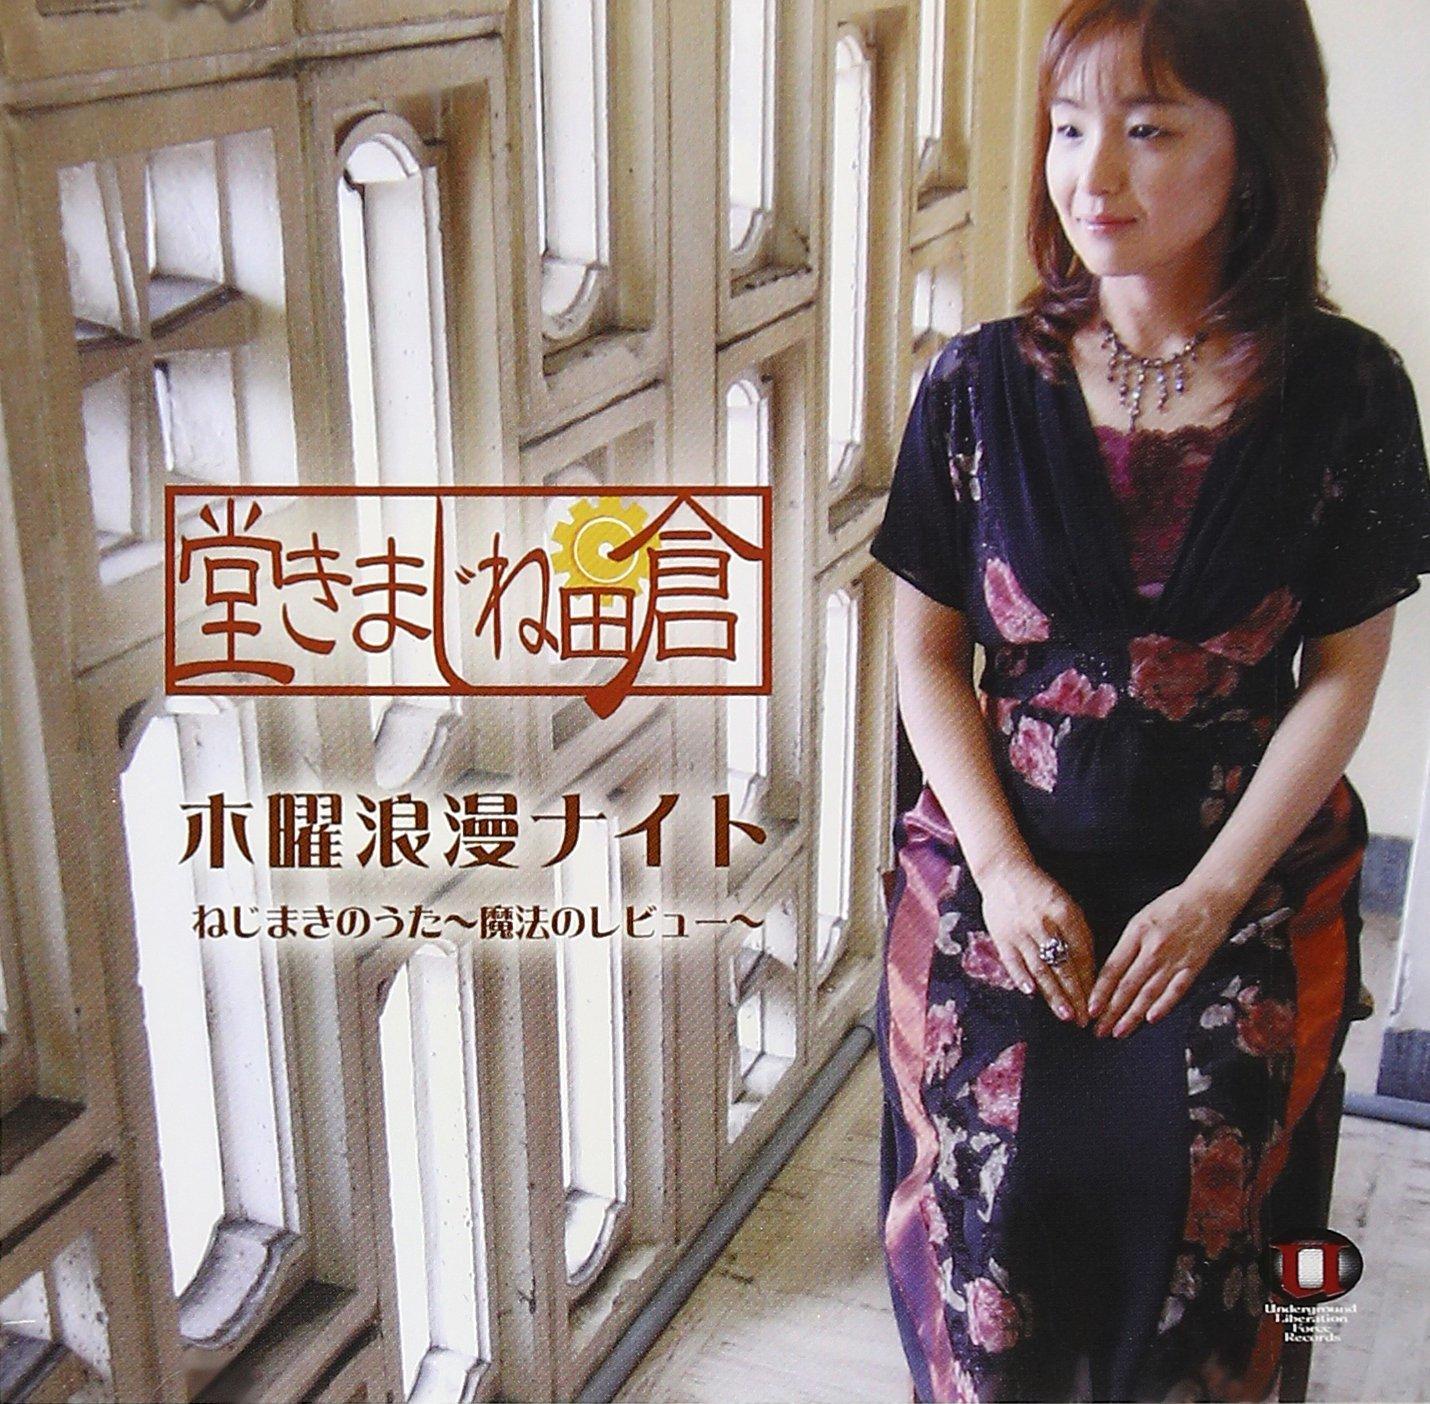 木曜浪漫ナイト「倉田ねじまき堂イメージソング」※セール商品